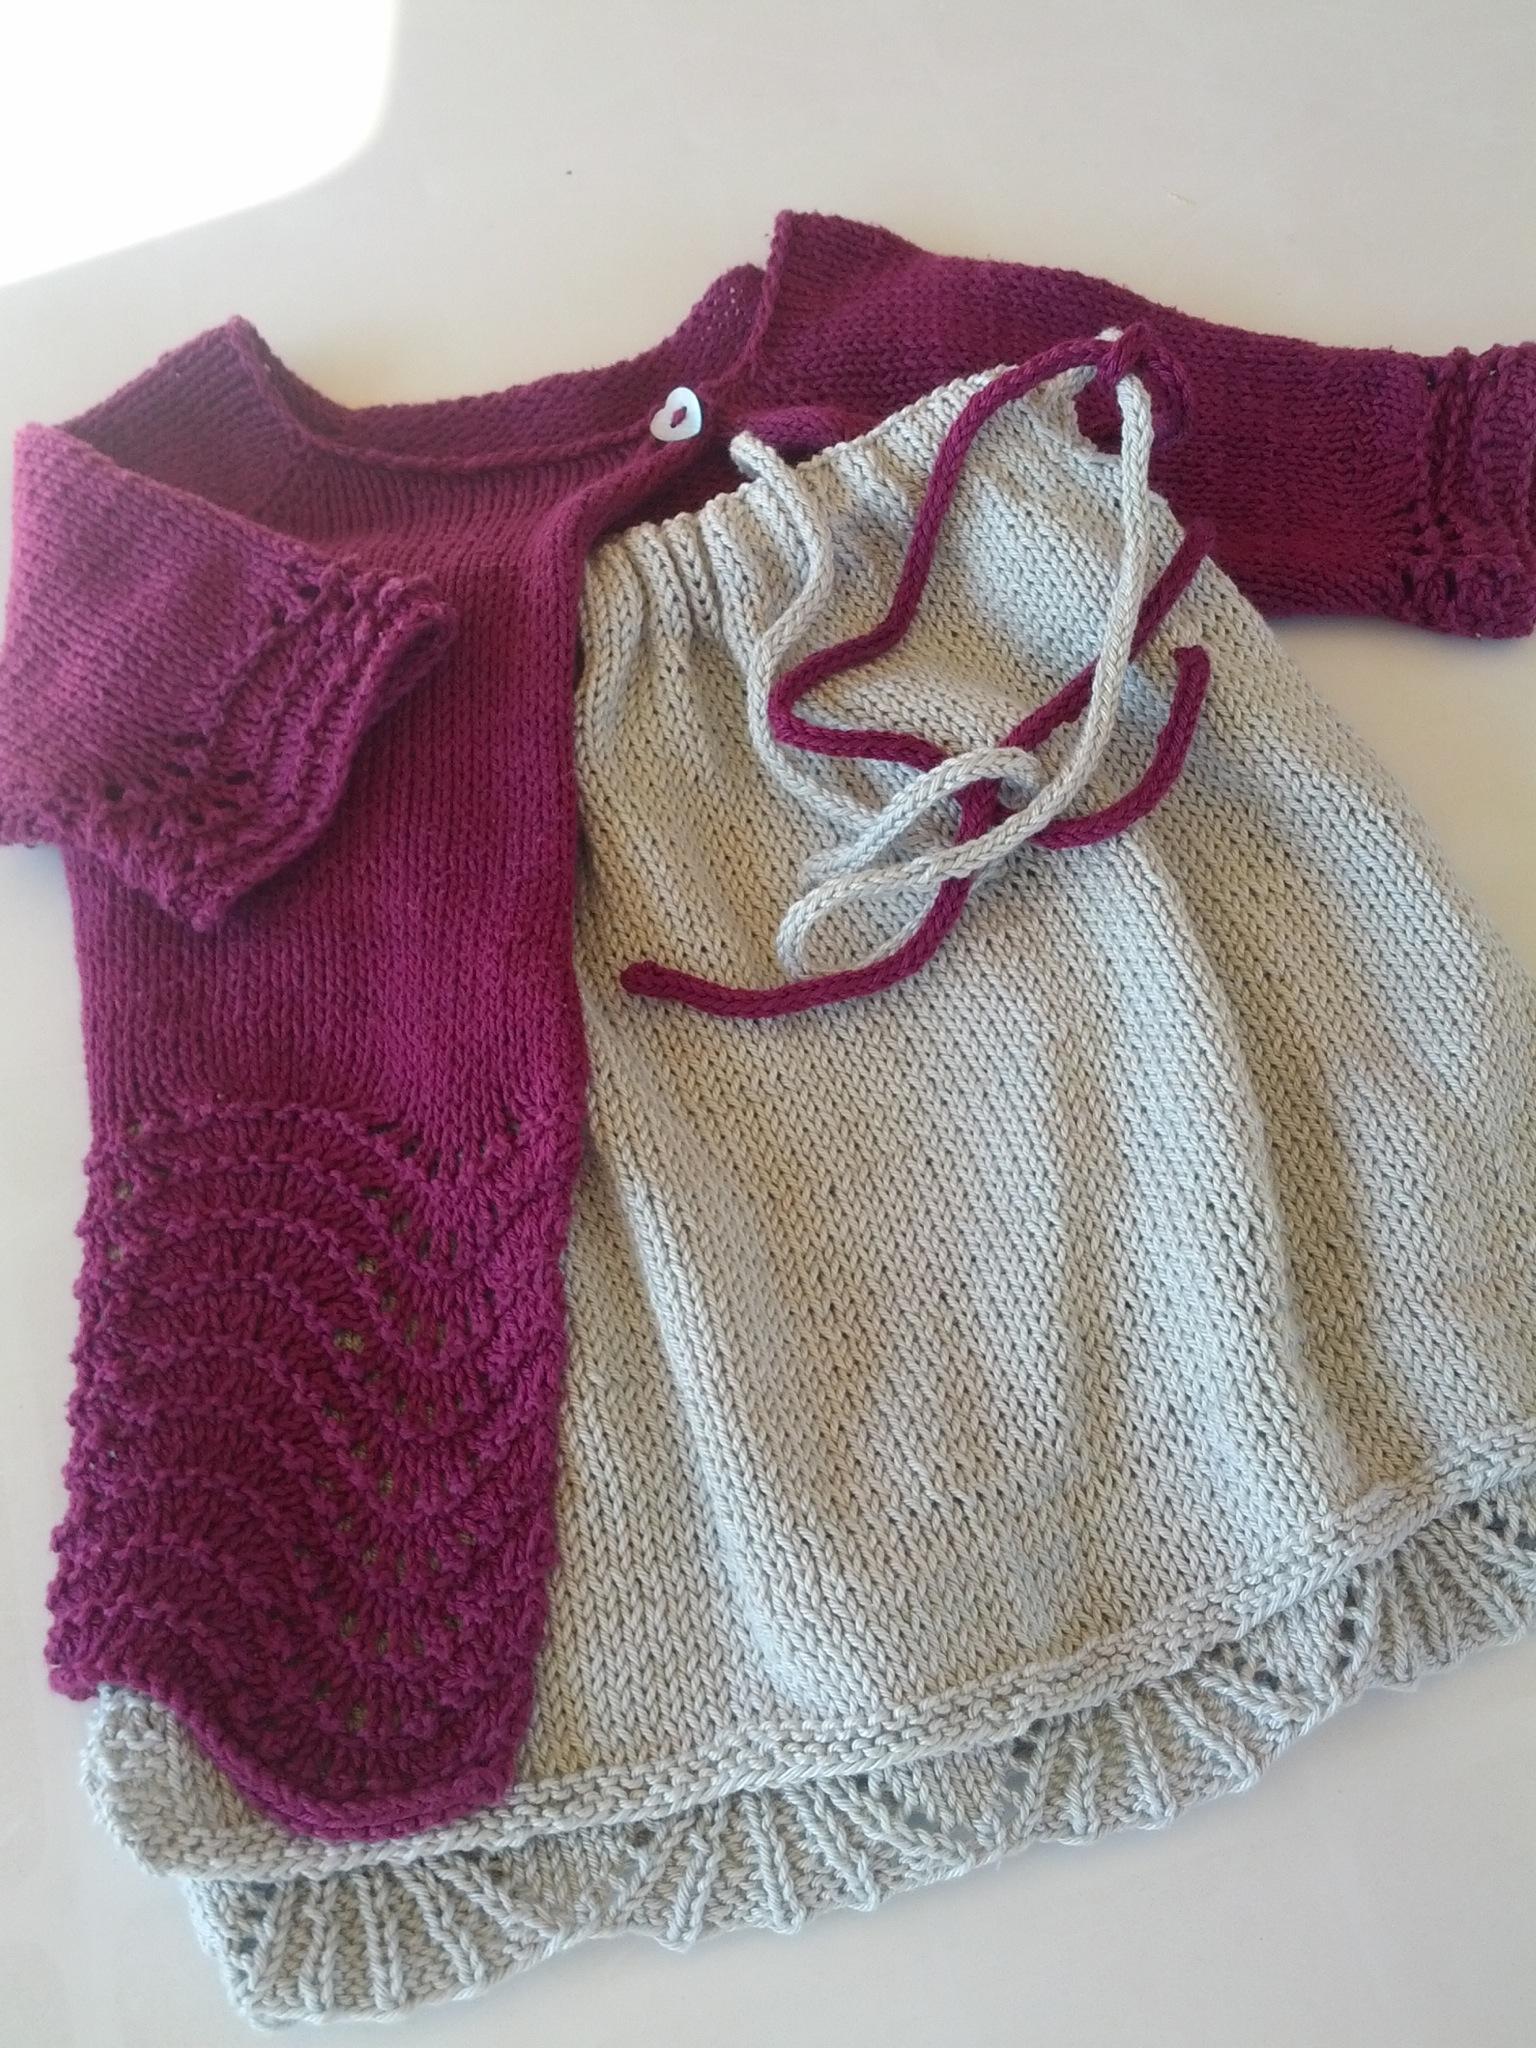 Molto lavori a maglia per bambini | La Maglia di Marica FD04